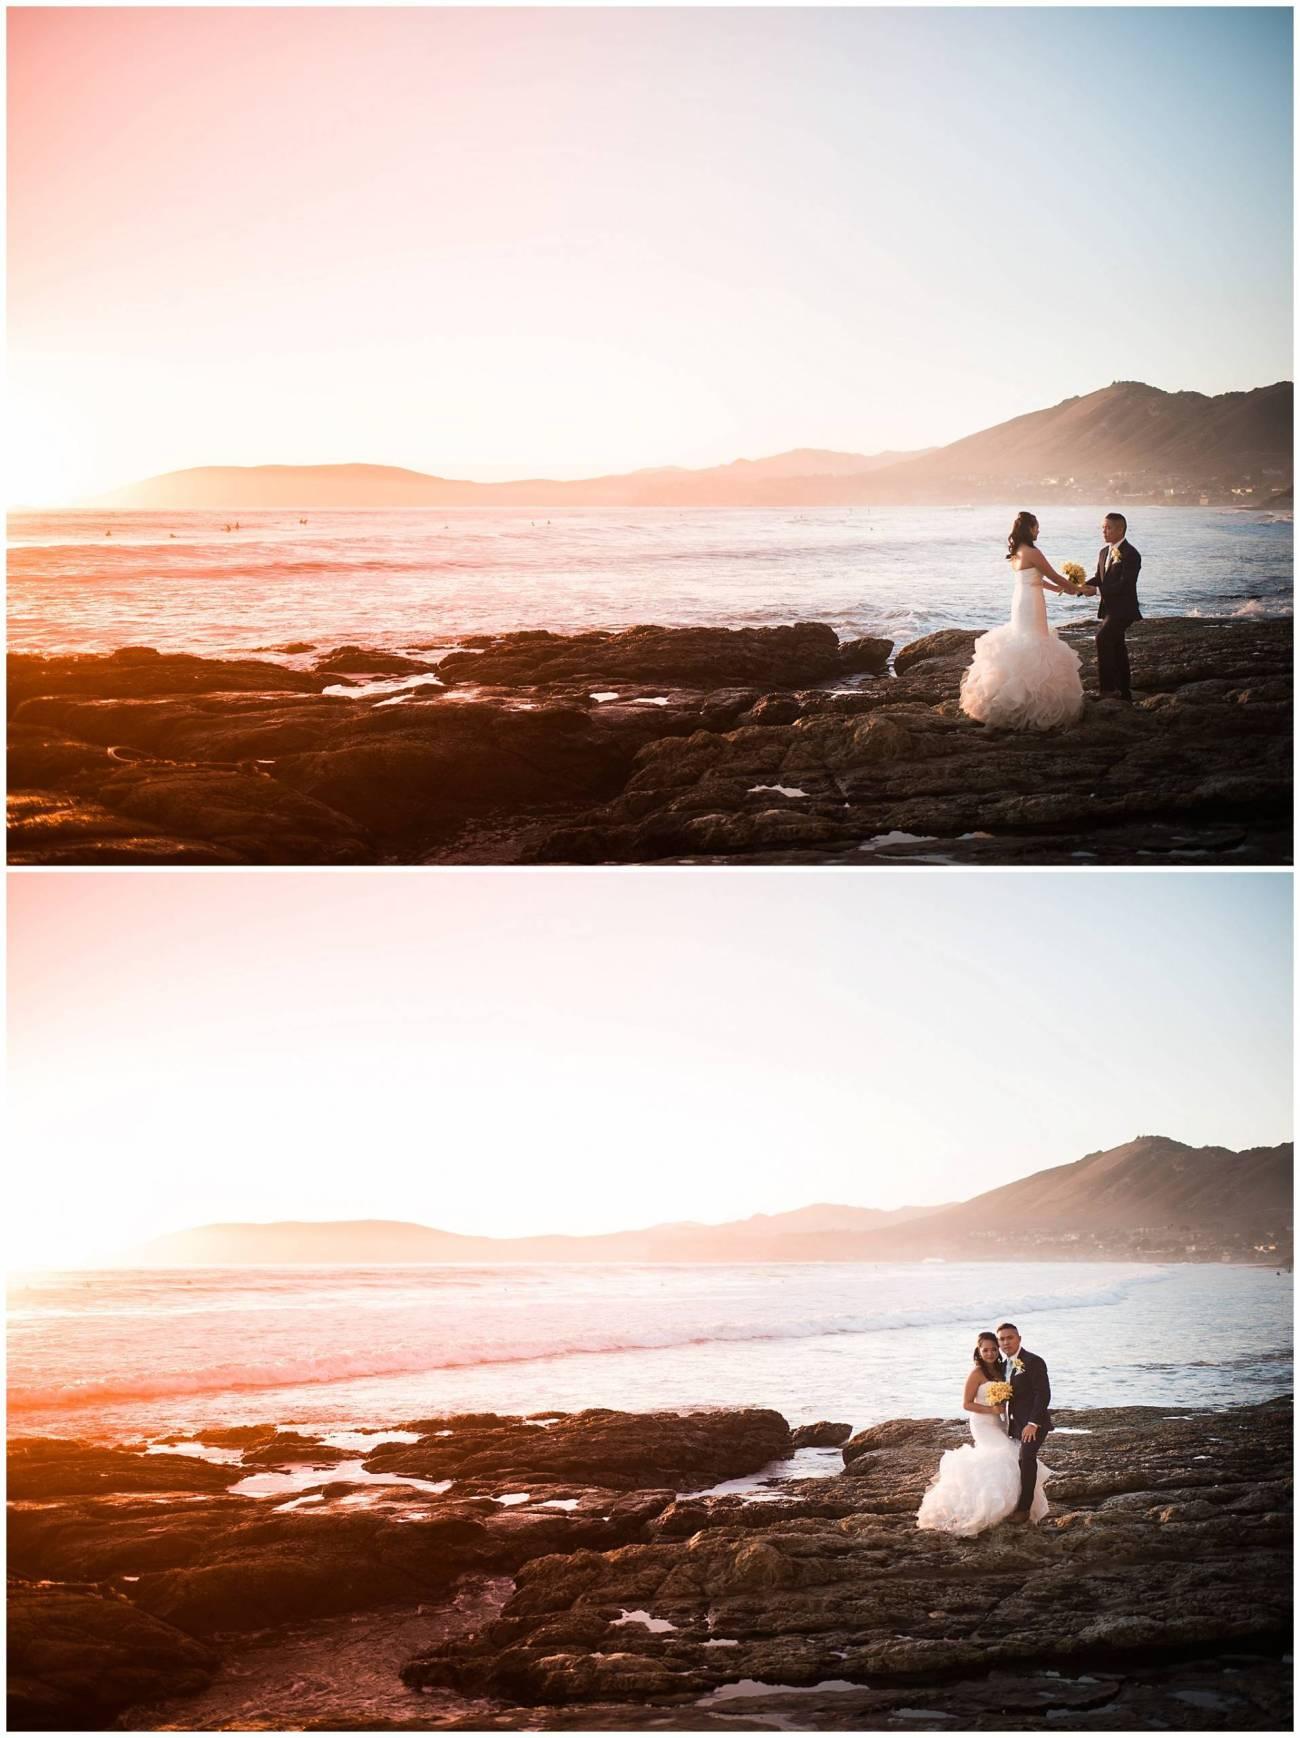 Ha & Allen Wedding Third Element Photography & Cinema Pismo Beach Cliffs Resort Central Coast Hybrid Film Wedding Photographer_0035